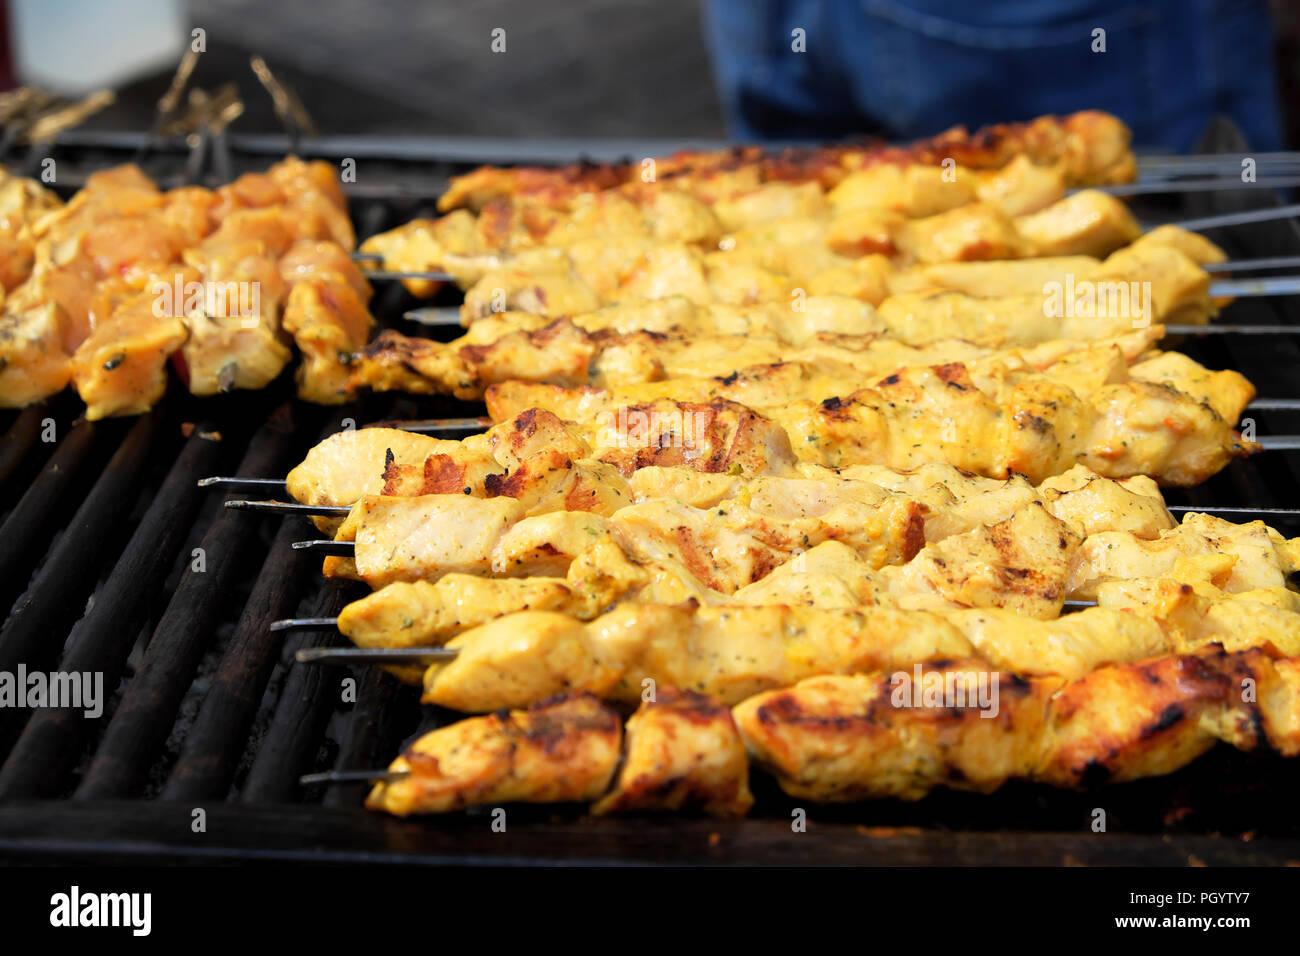 Kebab per la cottura sulla griglia a Kebab persiano su Paul Street in Shoreditch East London REGNO UNITO KATHY DEWITT Immagini Stock